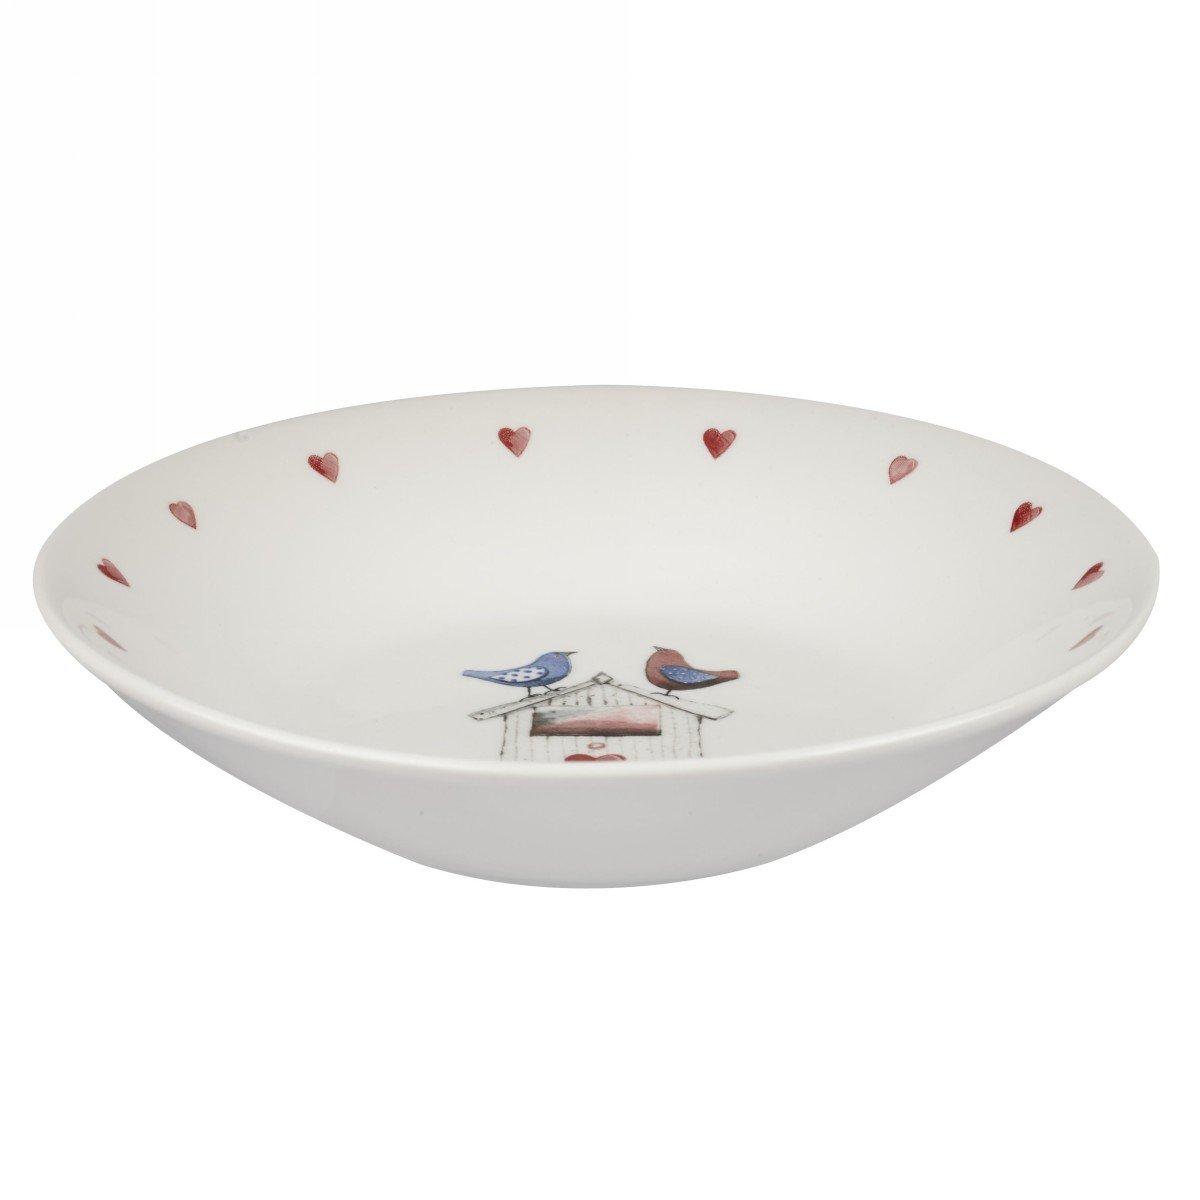 Глубокая тарелка Churchill 20 см Птички от Алекс Кларк